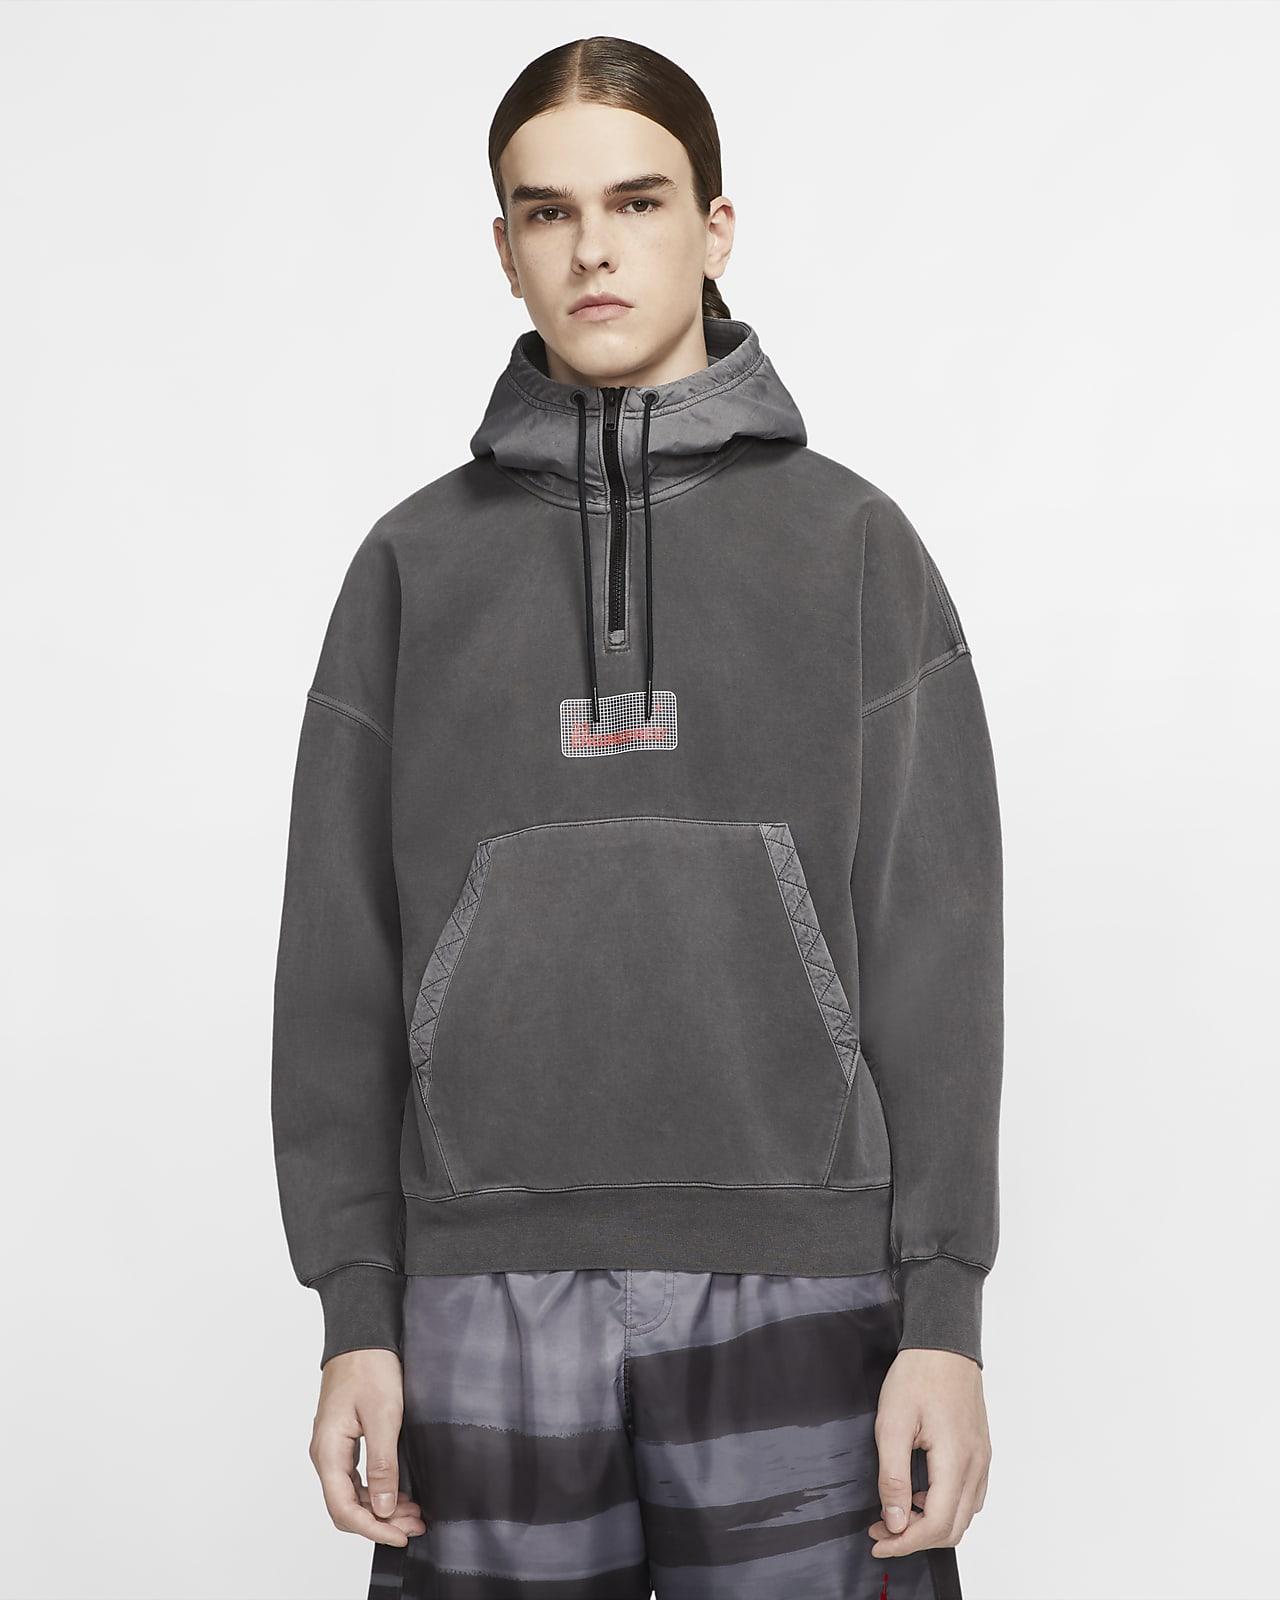 dollaro Americano Addolcire amico  Felpa in fleece con cappuccio Jordan 23 Engineered - Uomo. Nike CH